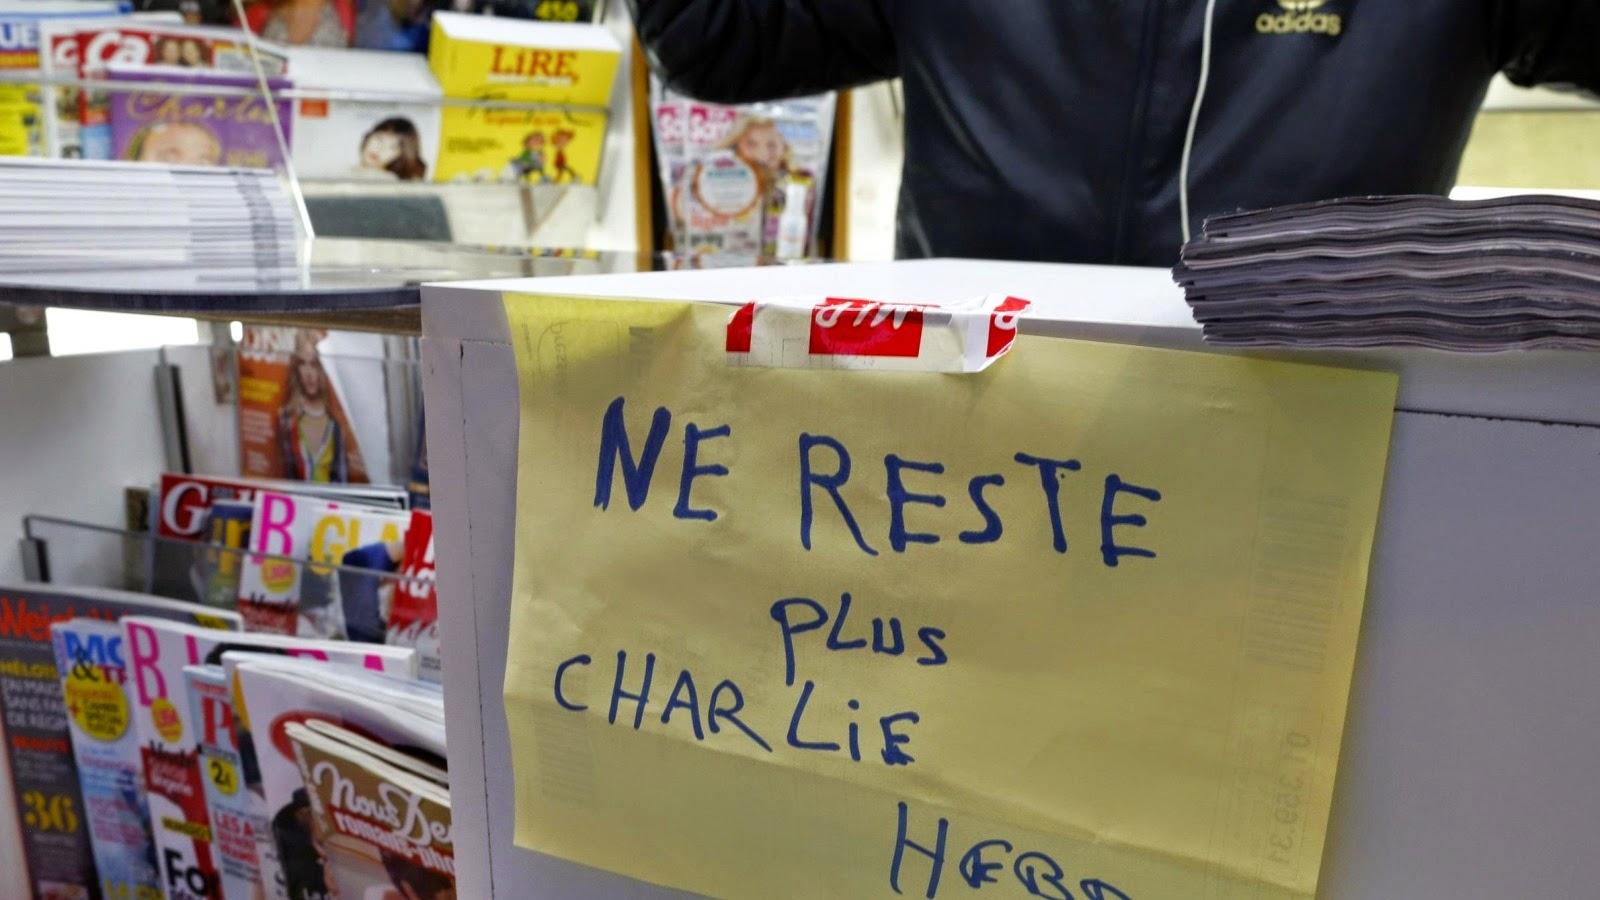 شارلي إيبدو تزيد نسخها وإدانة واسعة لنشرها رسم النبي(ص)